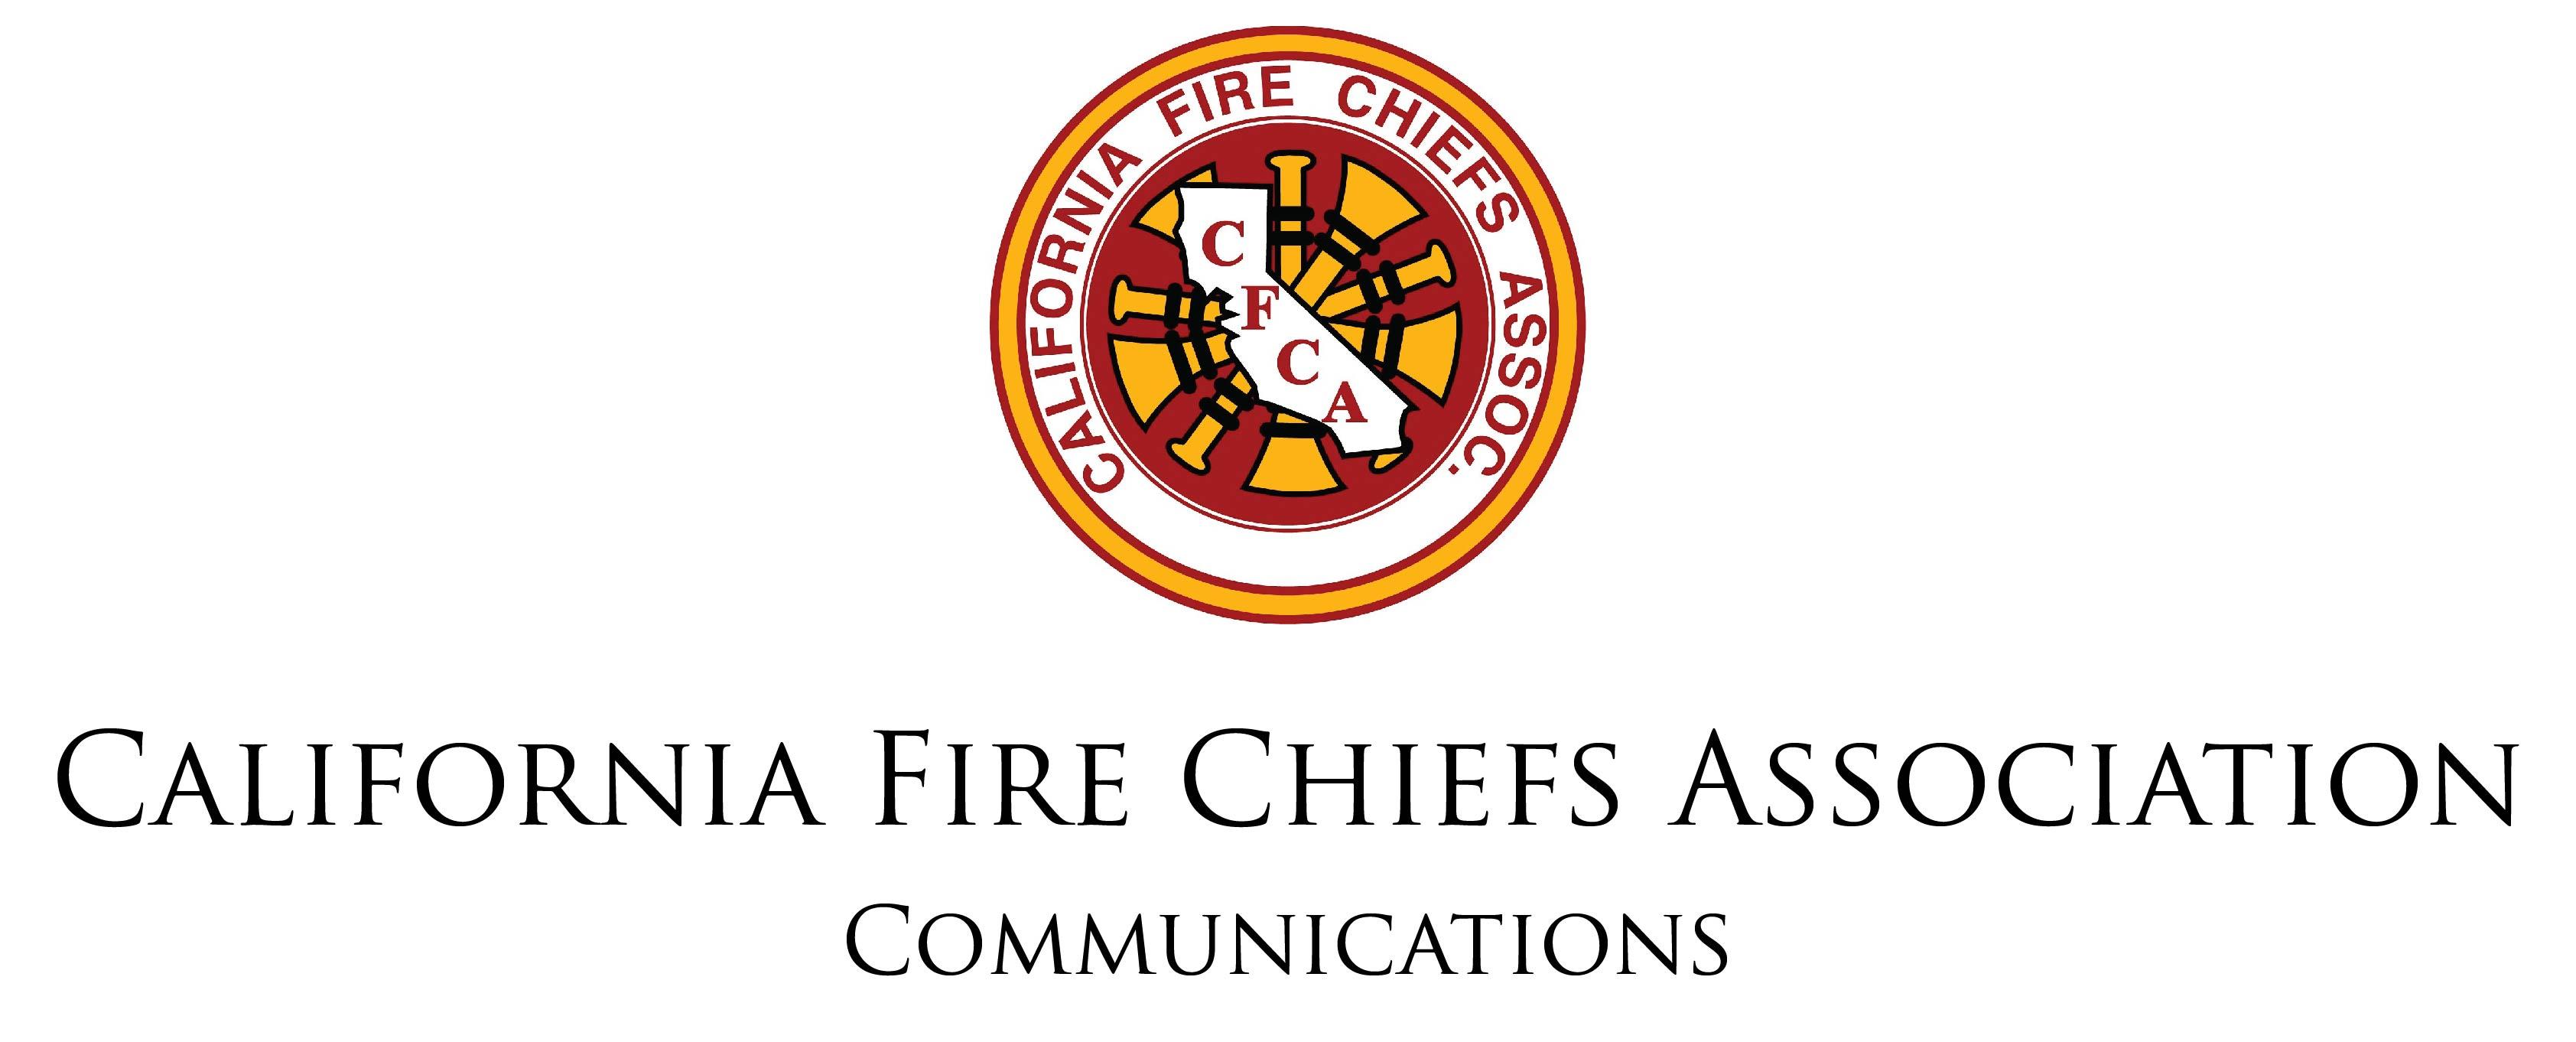 California Fire Chiefs Association - Communications